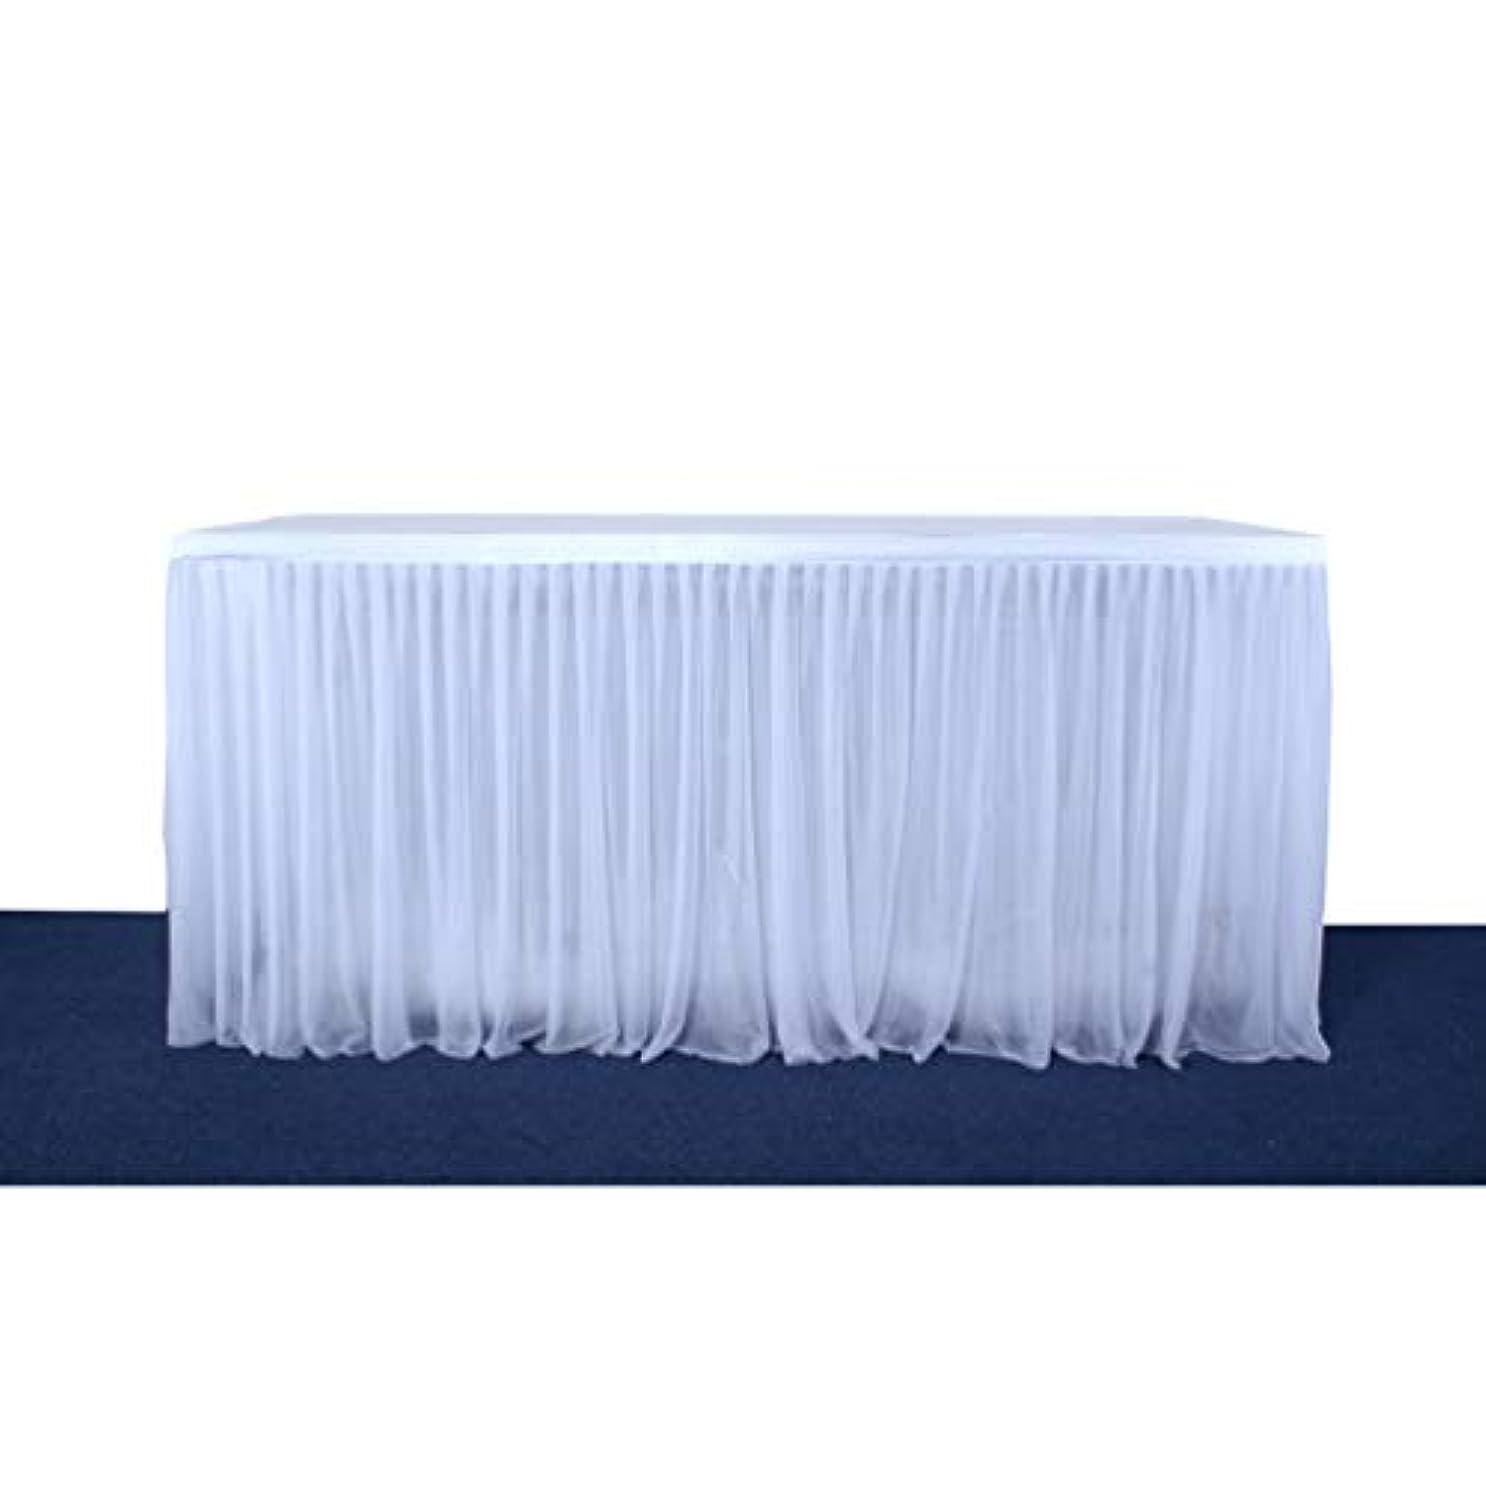 許さないスイス人憤るElastic Double-Layer Tablecloth White Table Skirt for Party Wedding Decoration Table Cloth Apron Dress 6ft 9ft 14ft (9ft)